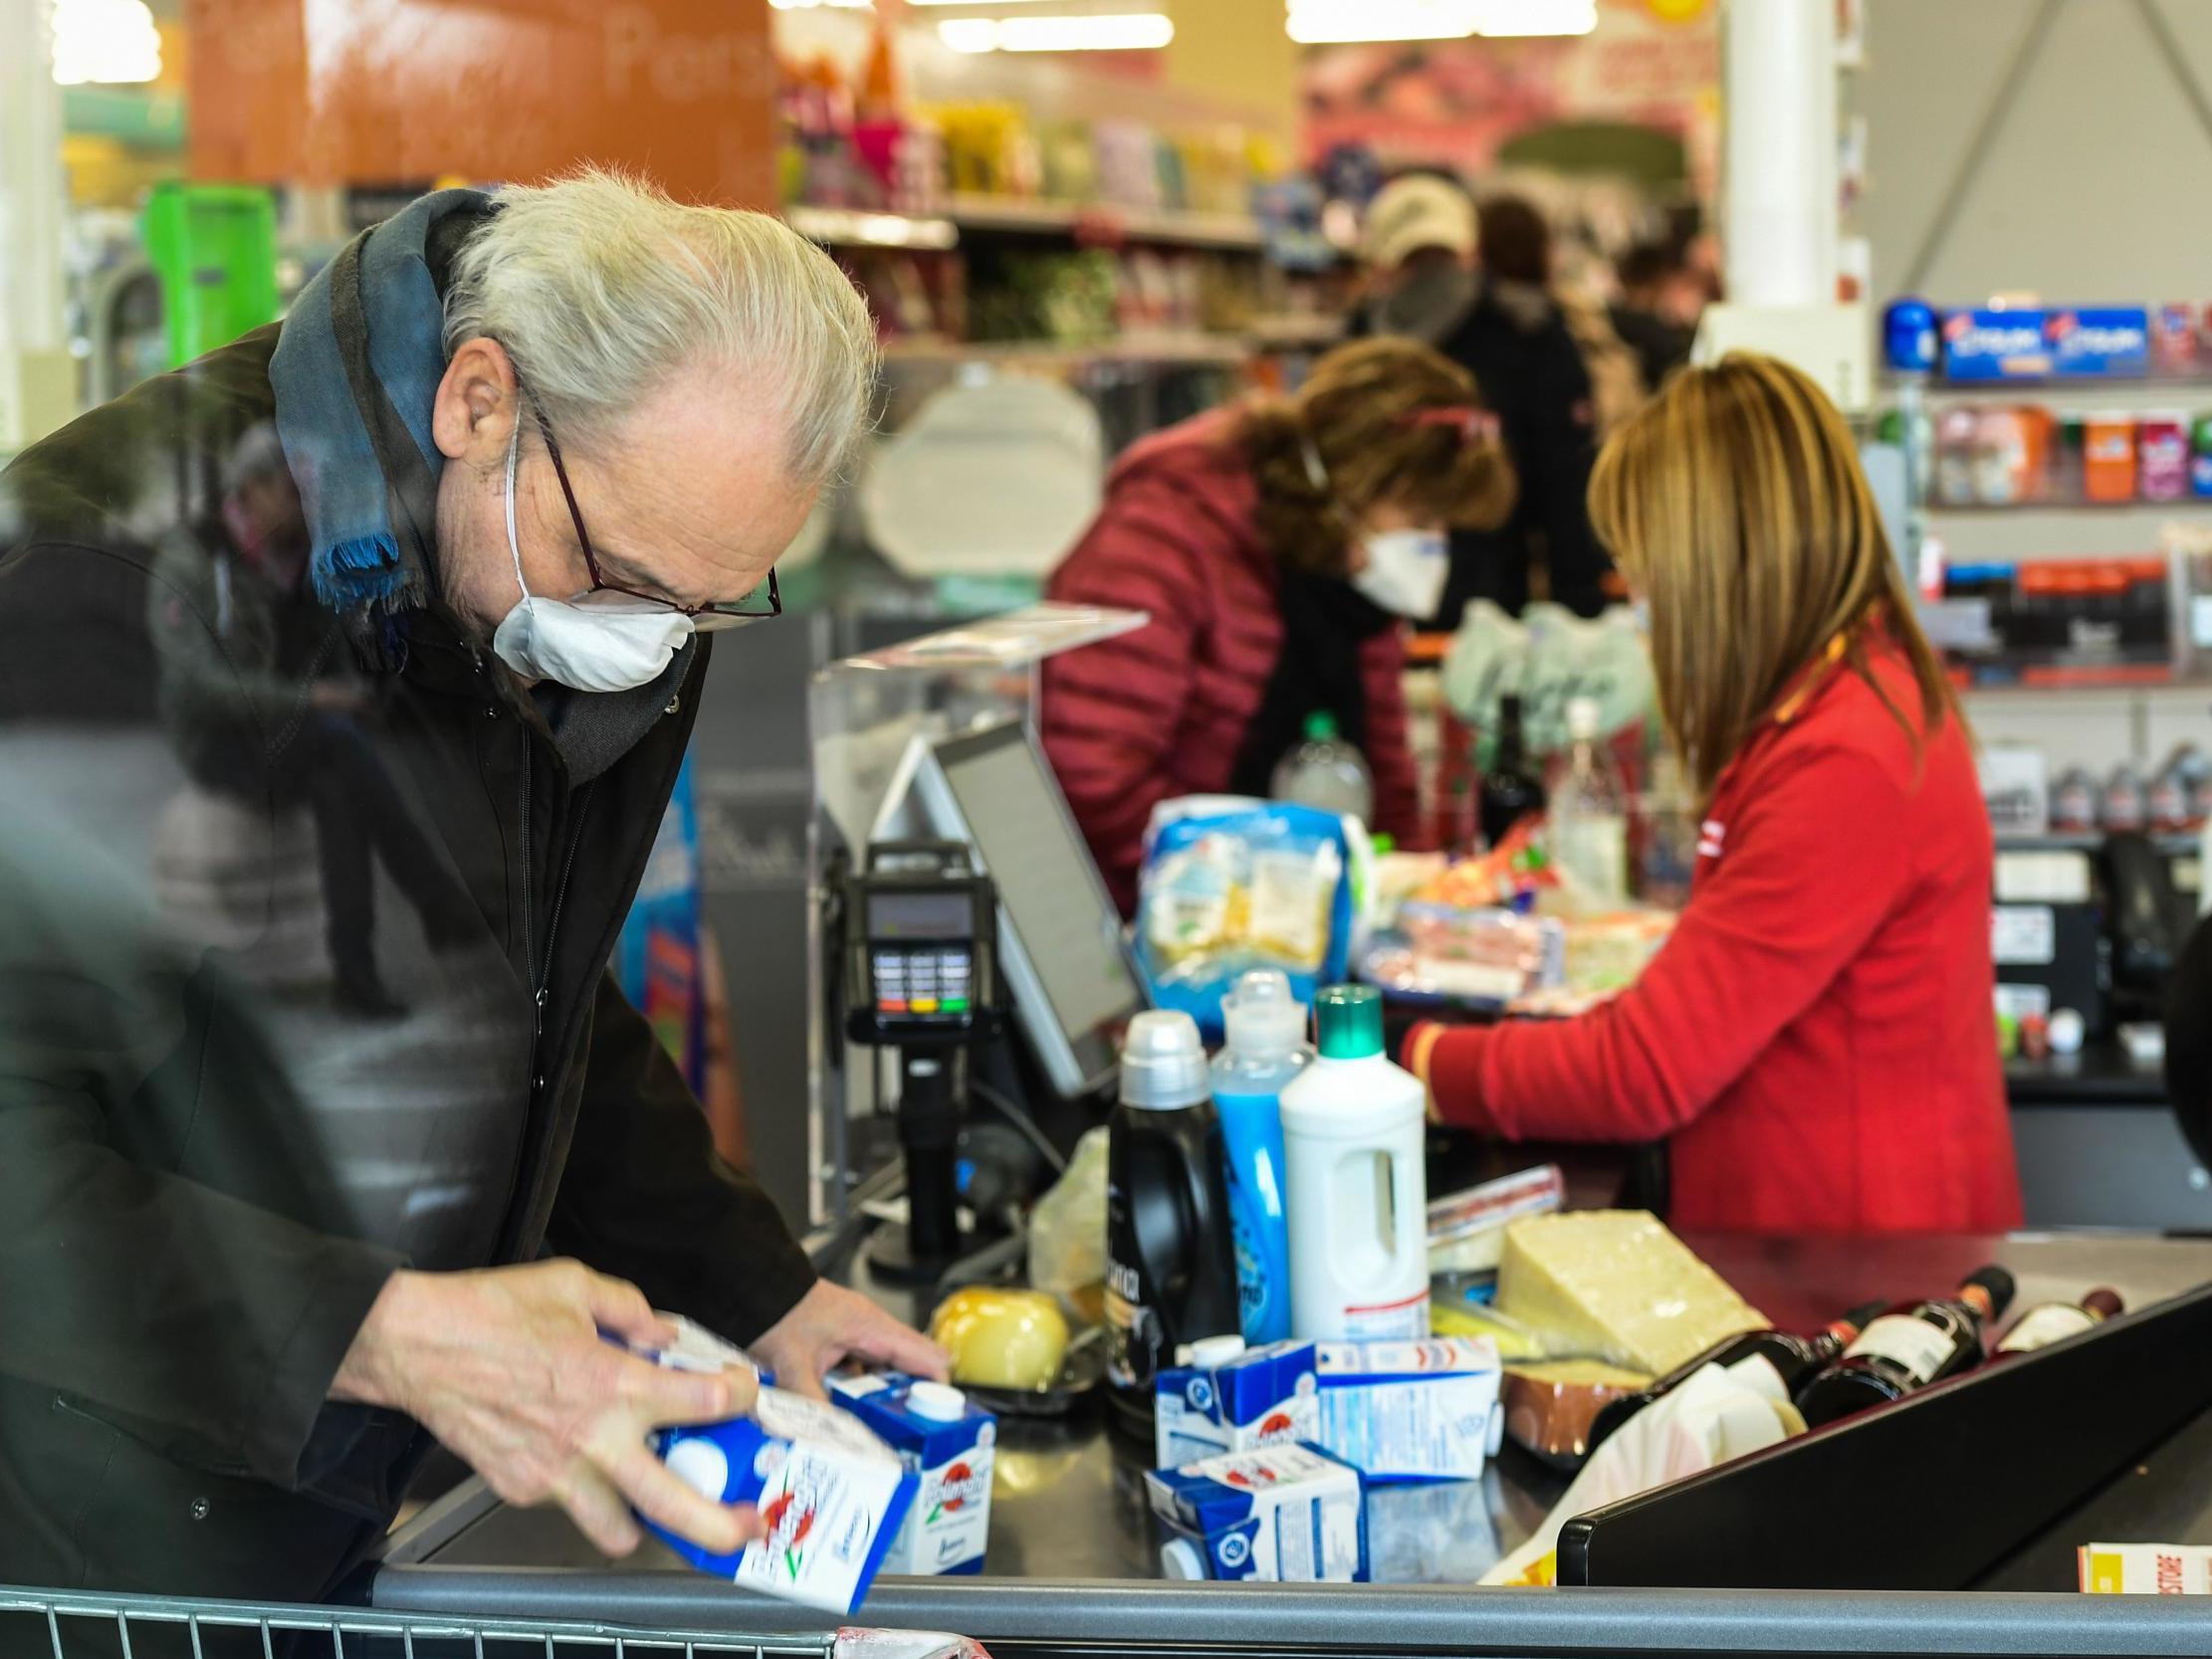 Coronavirus panic-buying: As Tesco and Waitrose start rationing items, should customers be stockpiling?